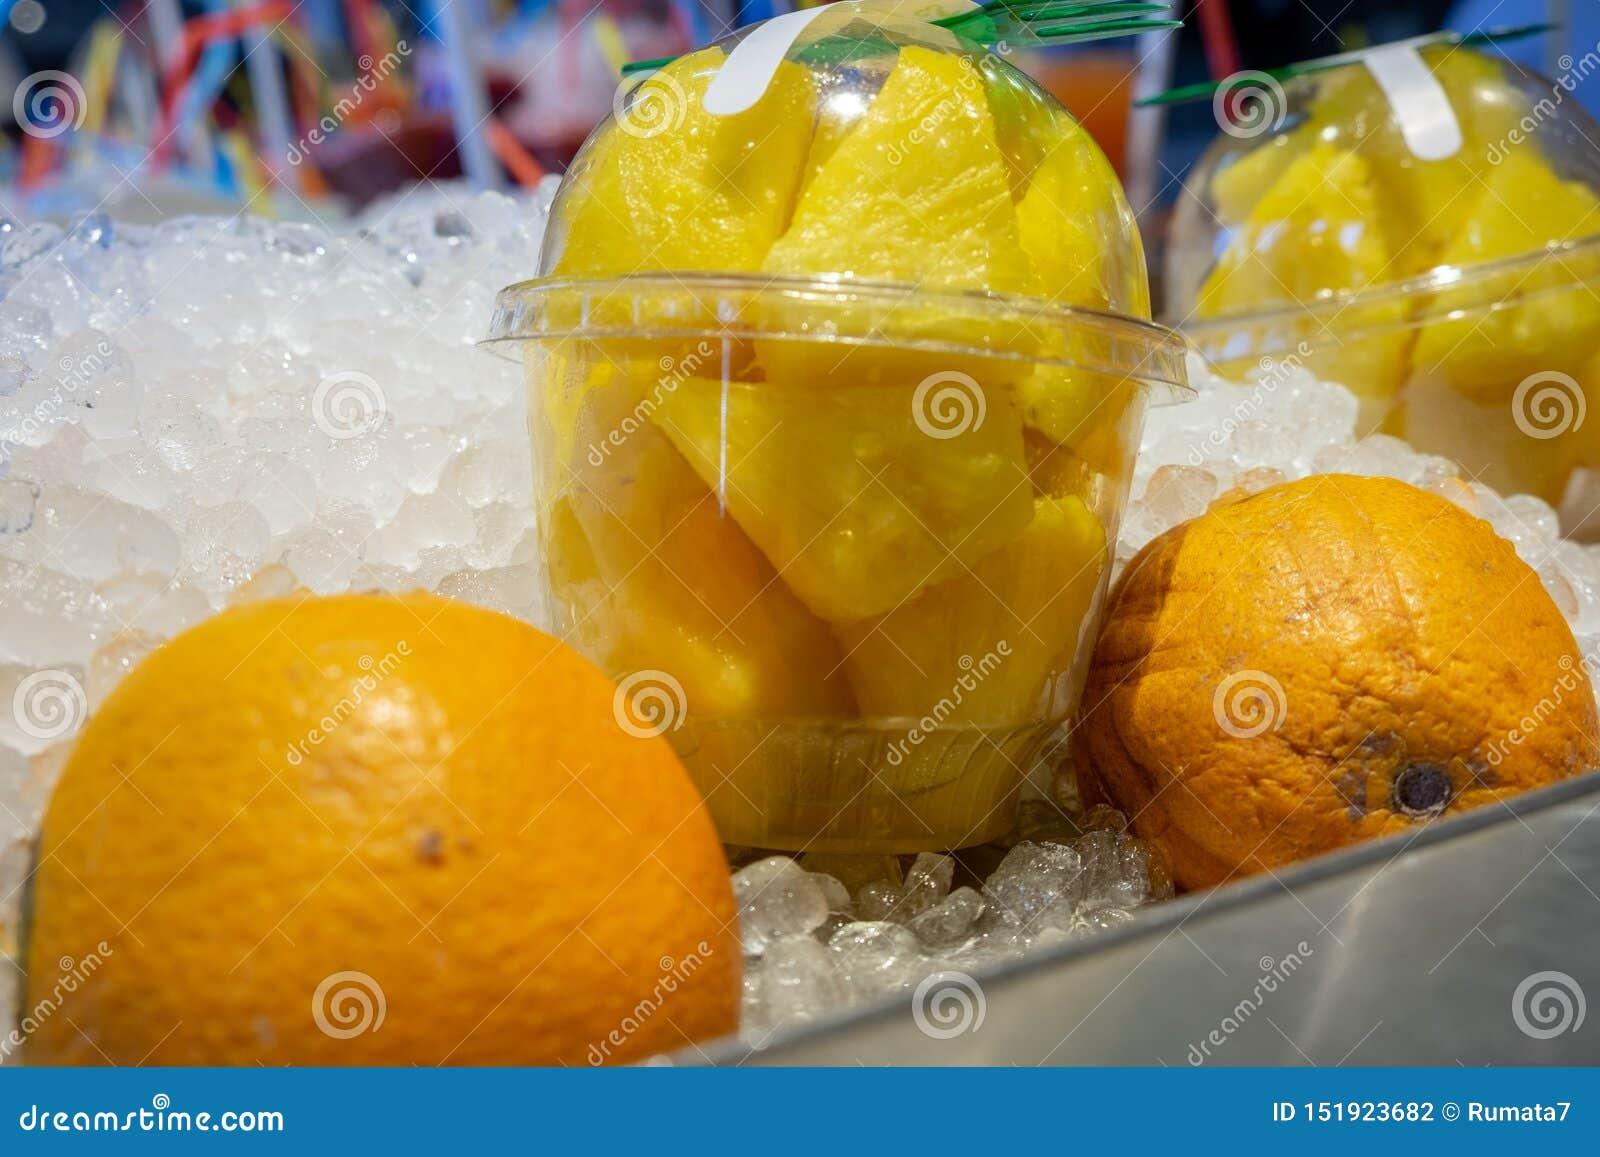 Świezi ananasów kawałki w plastikowych przejrzystych filiżankach i pomarańczach na lodzie dla sprzedaży przy rolnikami wprowadzać